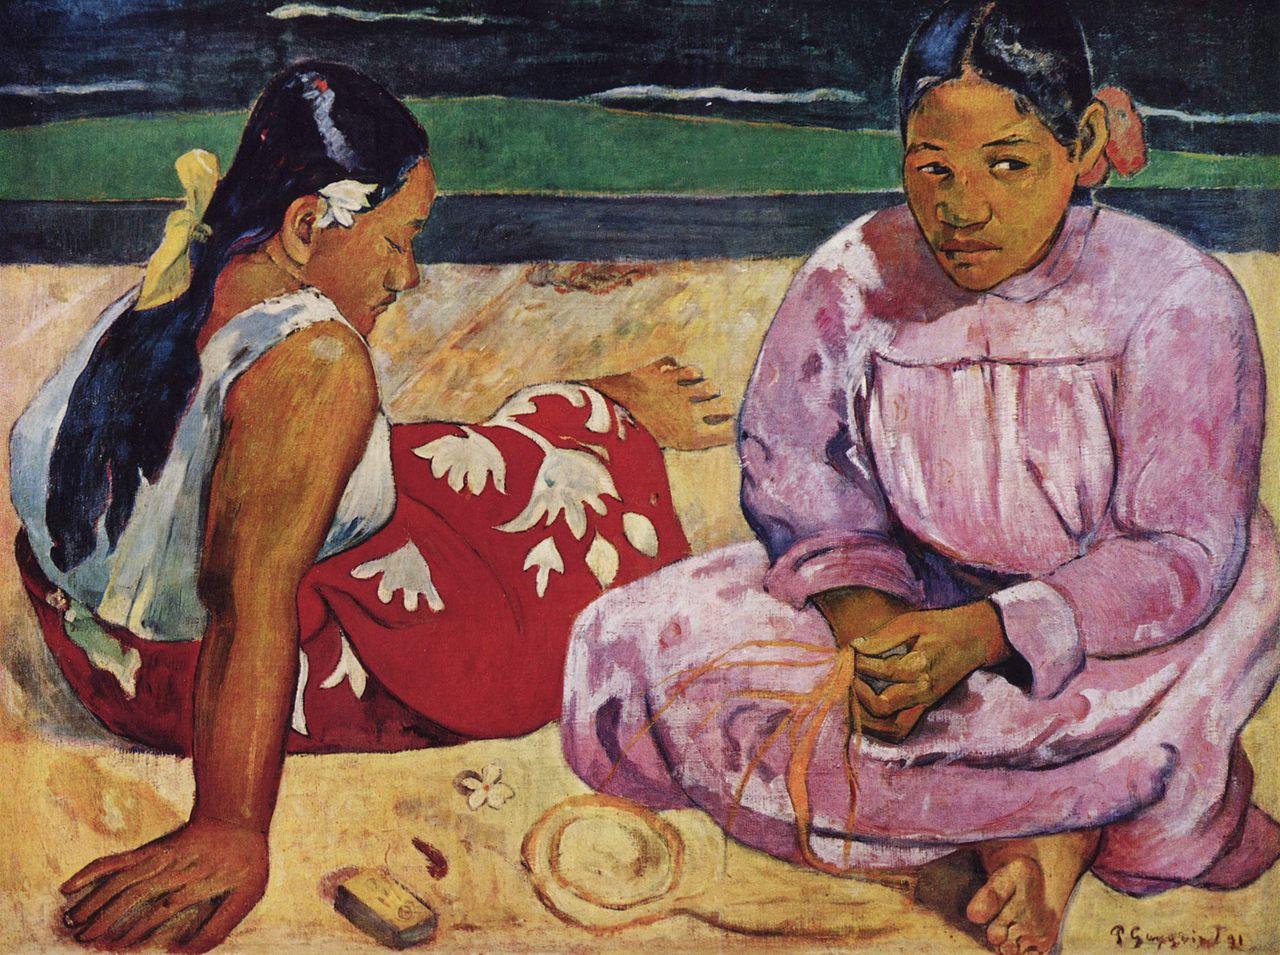 Gemälde zeigt zwei polynesische Frauen am Strand. Eine sitzt der betrachtenden Person zugewandt, blickt aber leicht zur Seite. Sie trägt ein rosafarbenes, langes Gewand. Die zweite Frau sitzt schräg mit dem Rücken zur betrachtenden Person, sie trägt ein weißes Oberteil und einen roten Wickelrock mit Blumenmuster. Im Hintergrund ist eine Küstenlinie zu sehen. Beide Frauen haben ihr Haar mit Blumen geschmückt.